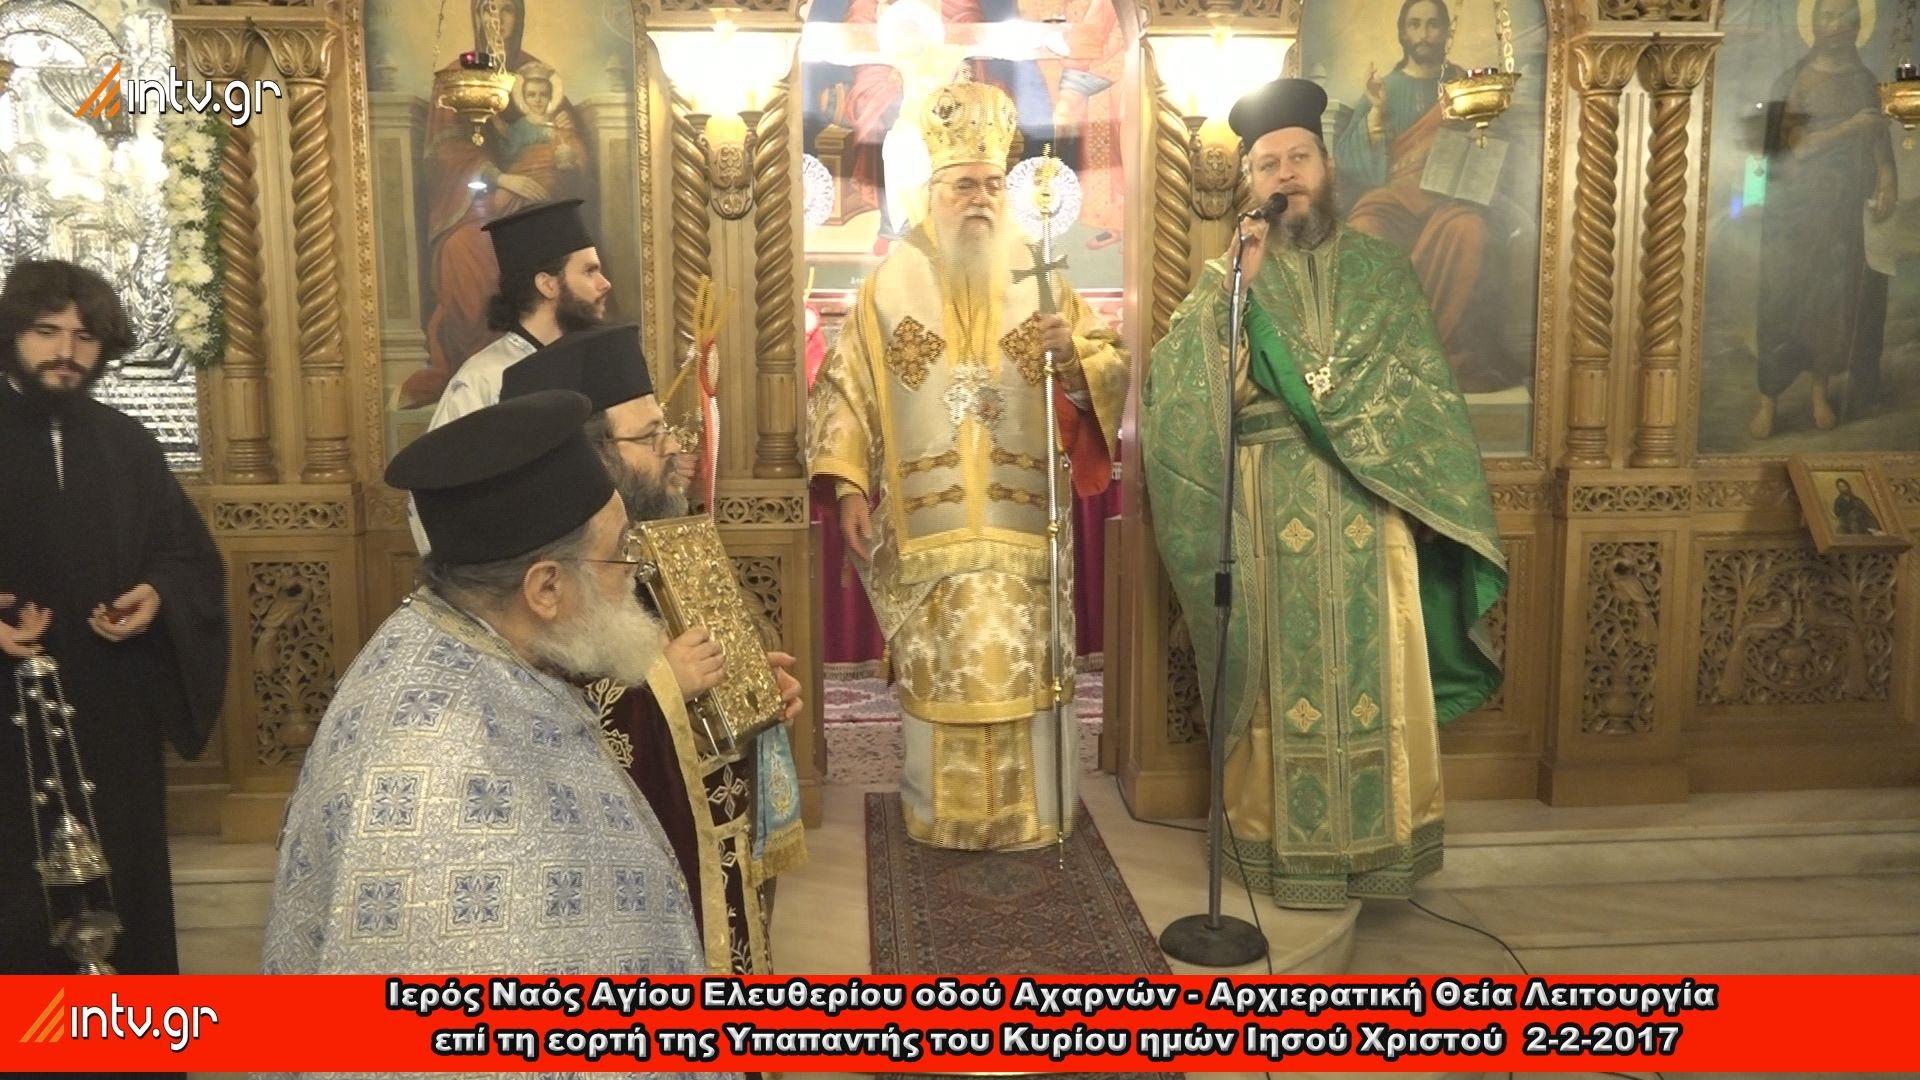 Ιερός Ναός Αγίου Ελευθερίου οδού Αχαρνών - Αρχιερατική Θεία Λειτουργία - Ιερουργούντος και ομιλούντος του Αρχιγραμματέως της Ιεράς Συνόδου της Εκκλησίας της Ελλάδος, Θεοφιλεστάτου Επισκόπου Μεθώνης κ.κ. ΚΛΗΜΗ